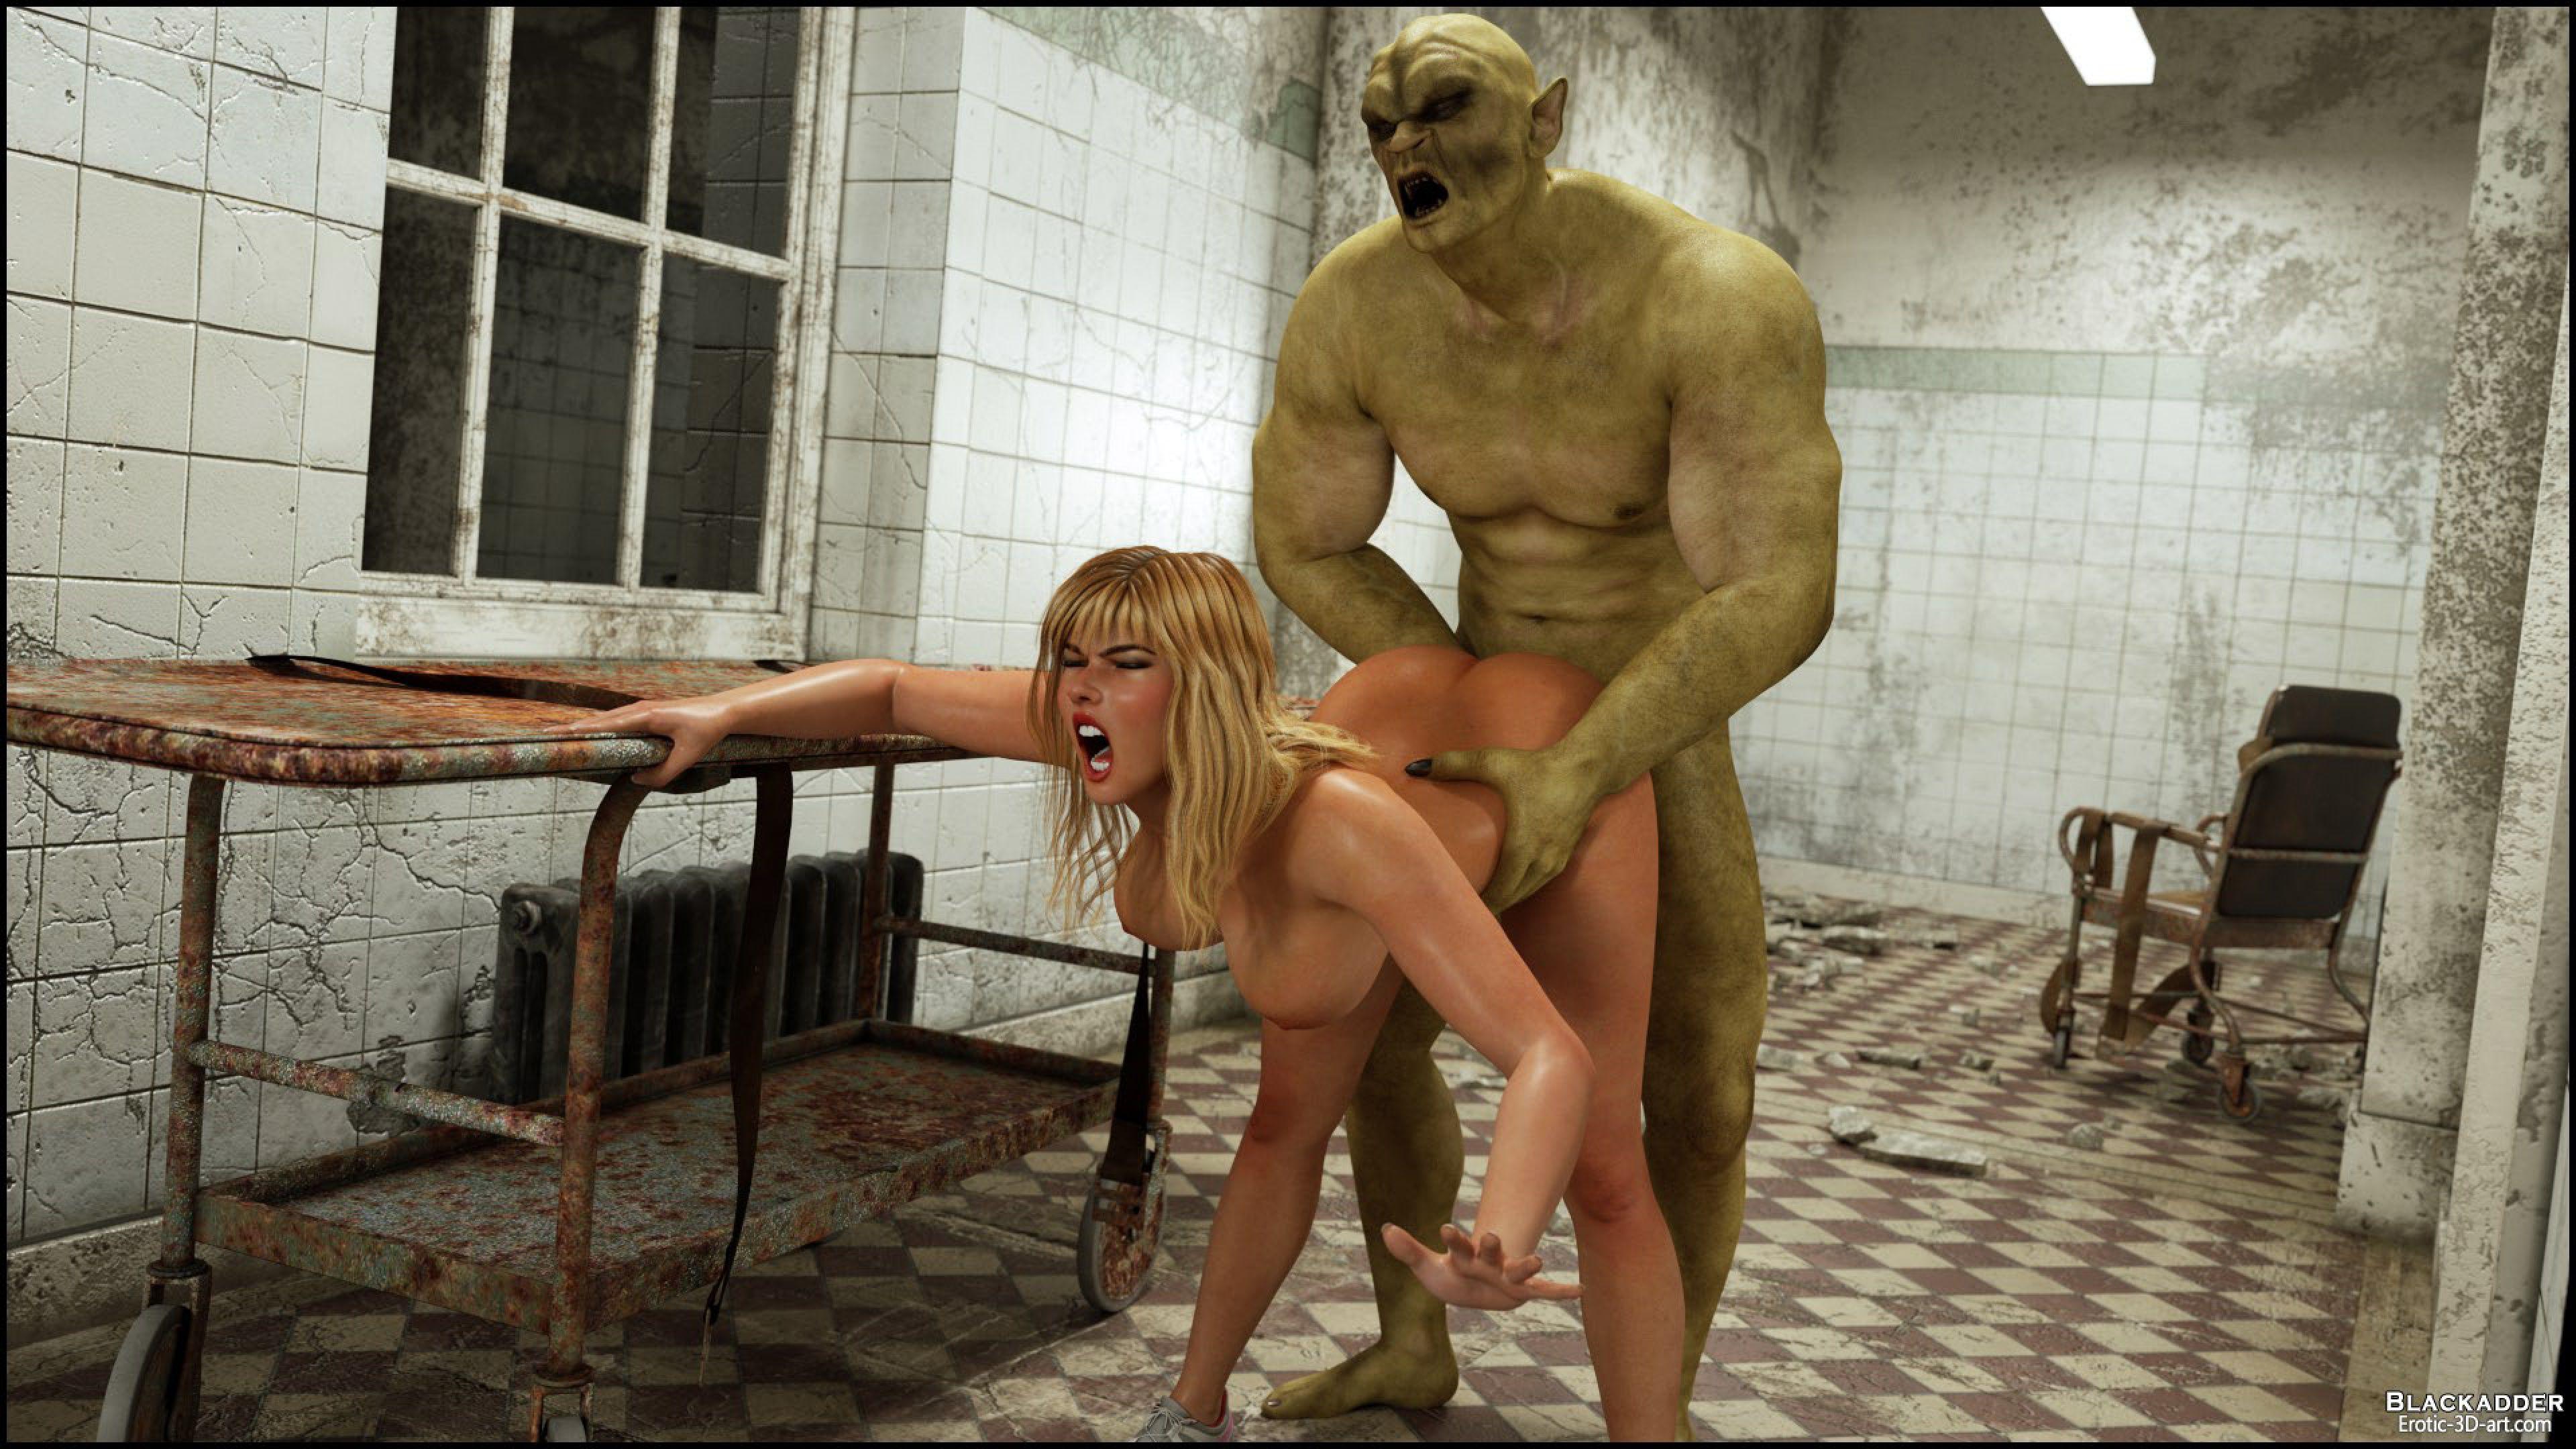 Bizarre 3d porn hentai comics